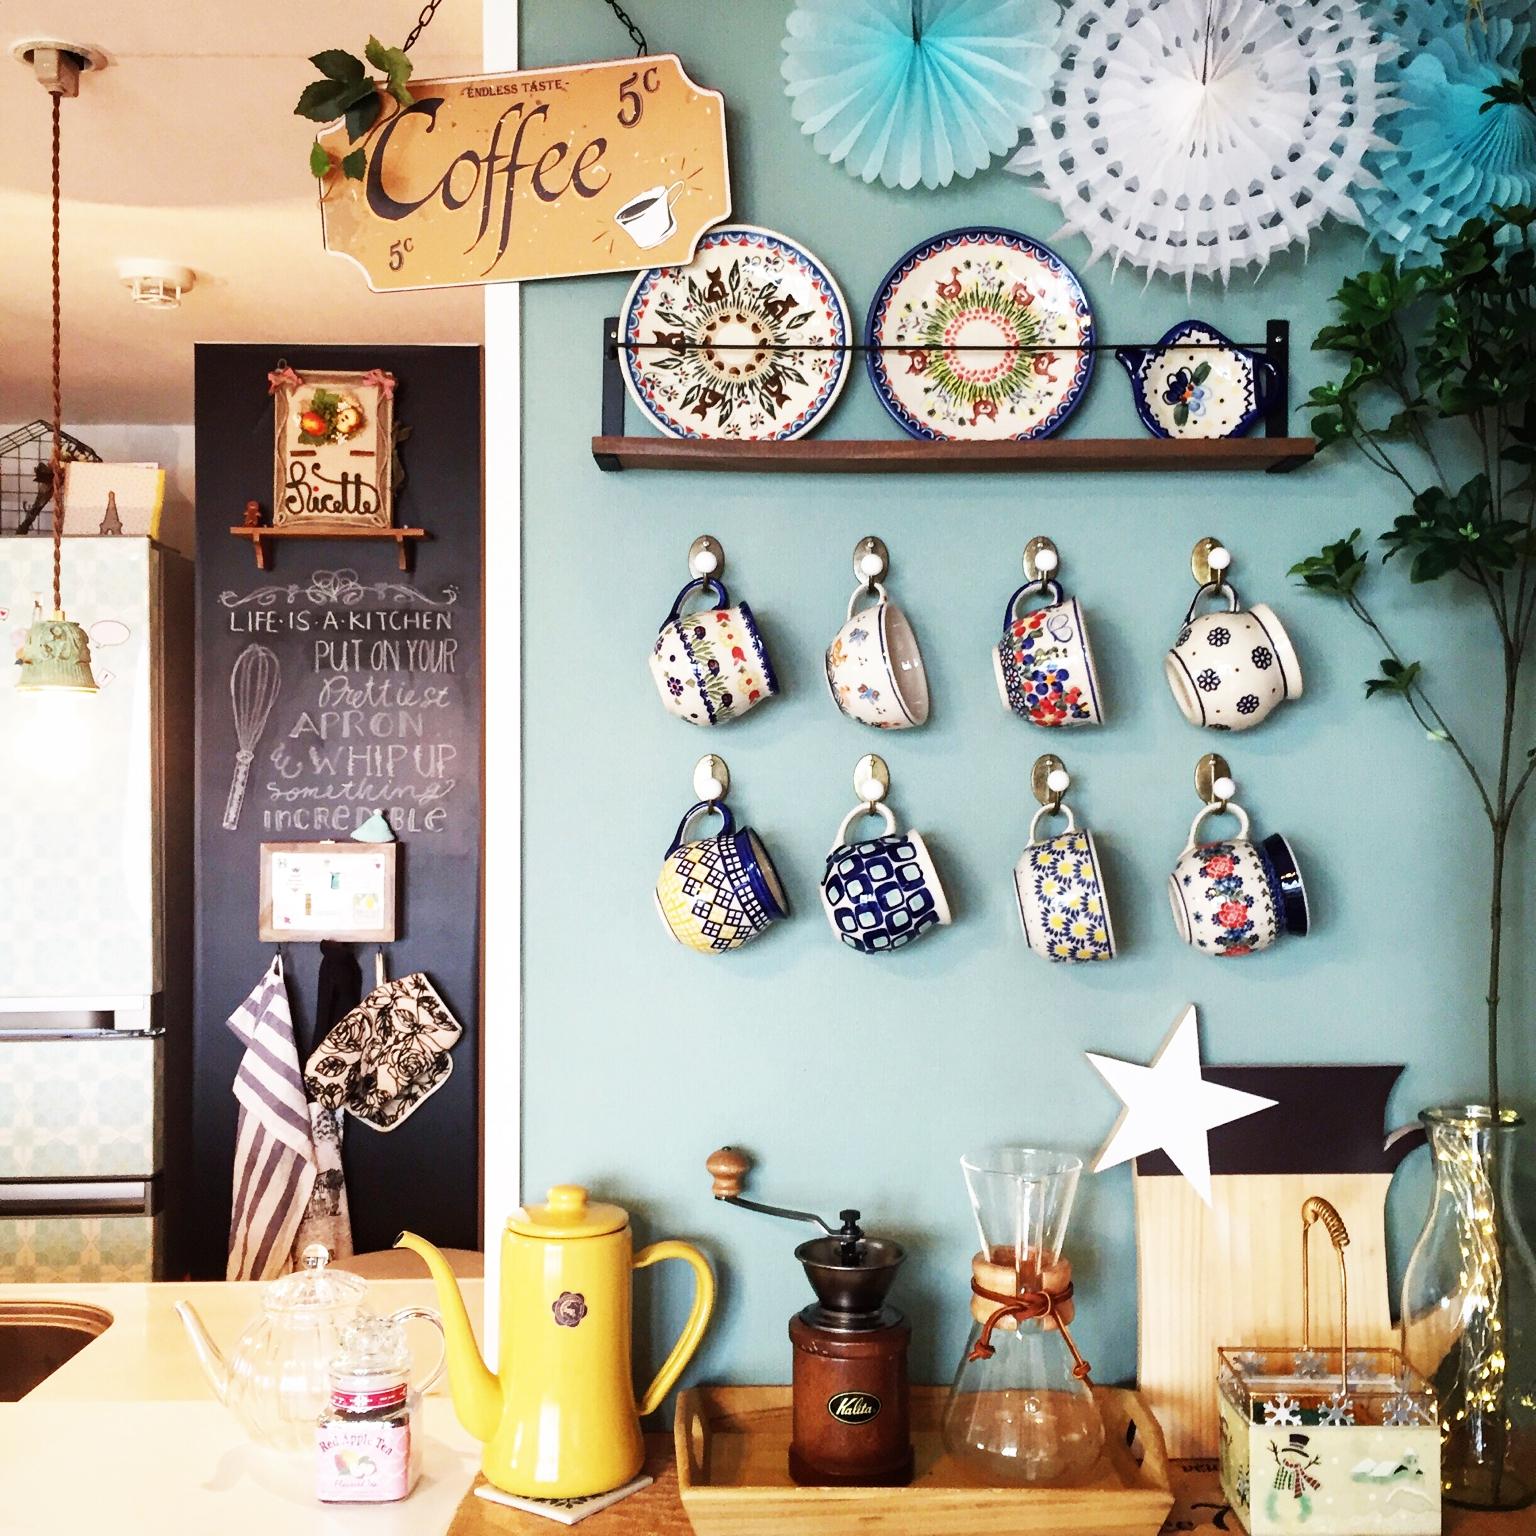 収納の見直しをするなら収納上手な家を目指そう! | RoomClip mag | 暮らしとインテリアのwebマガジン